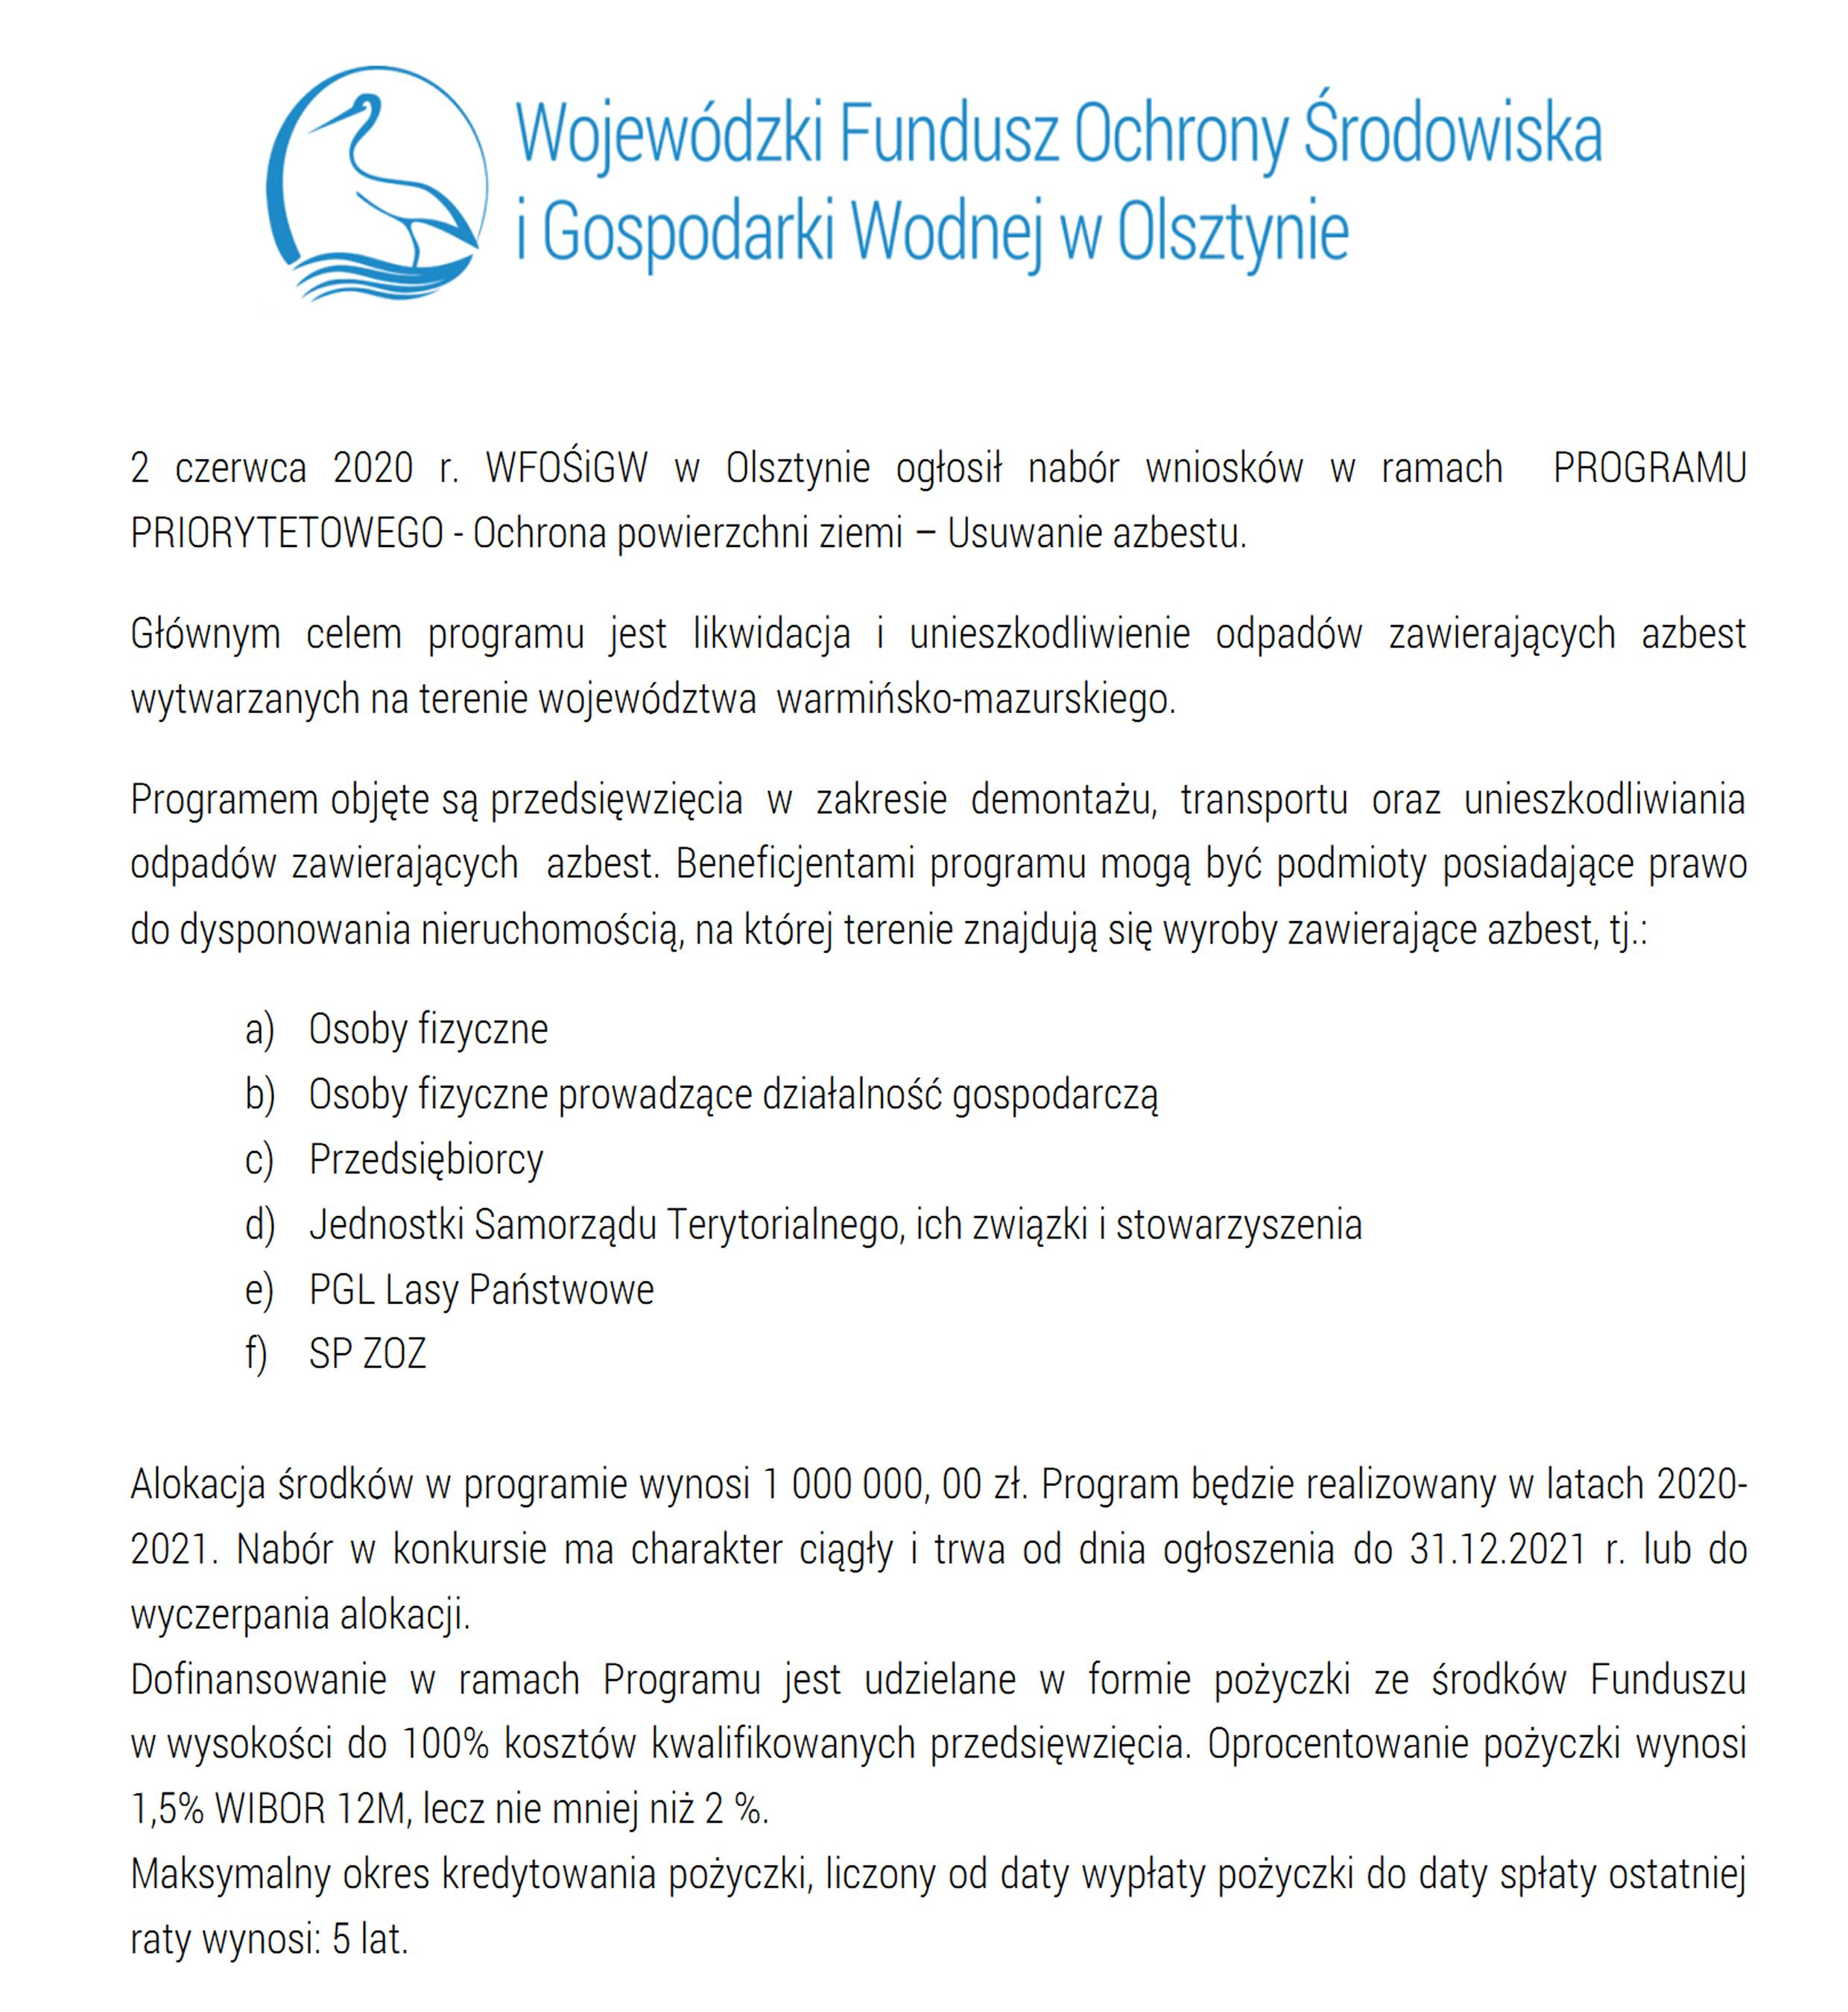 https://m.powiatszczycienski.pl/2020/06/orig/ochrona-powerzchni-ziemi-usuwanie-azbestu-32772.jpg